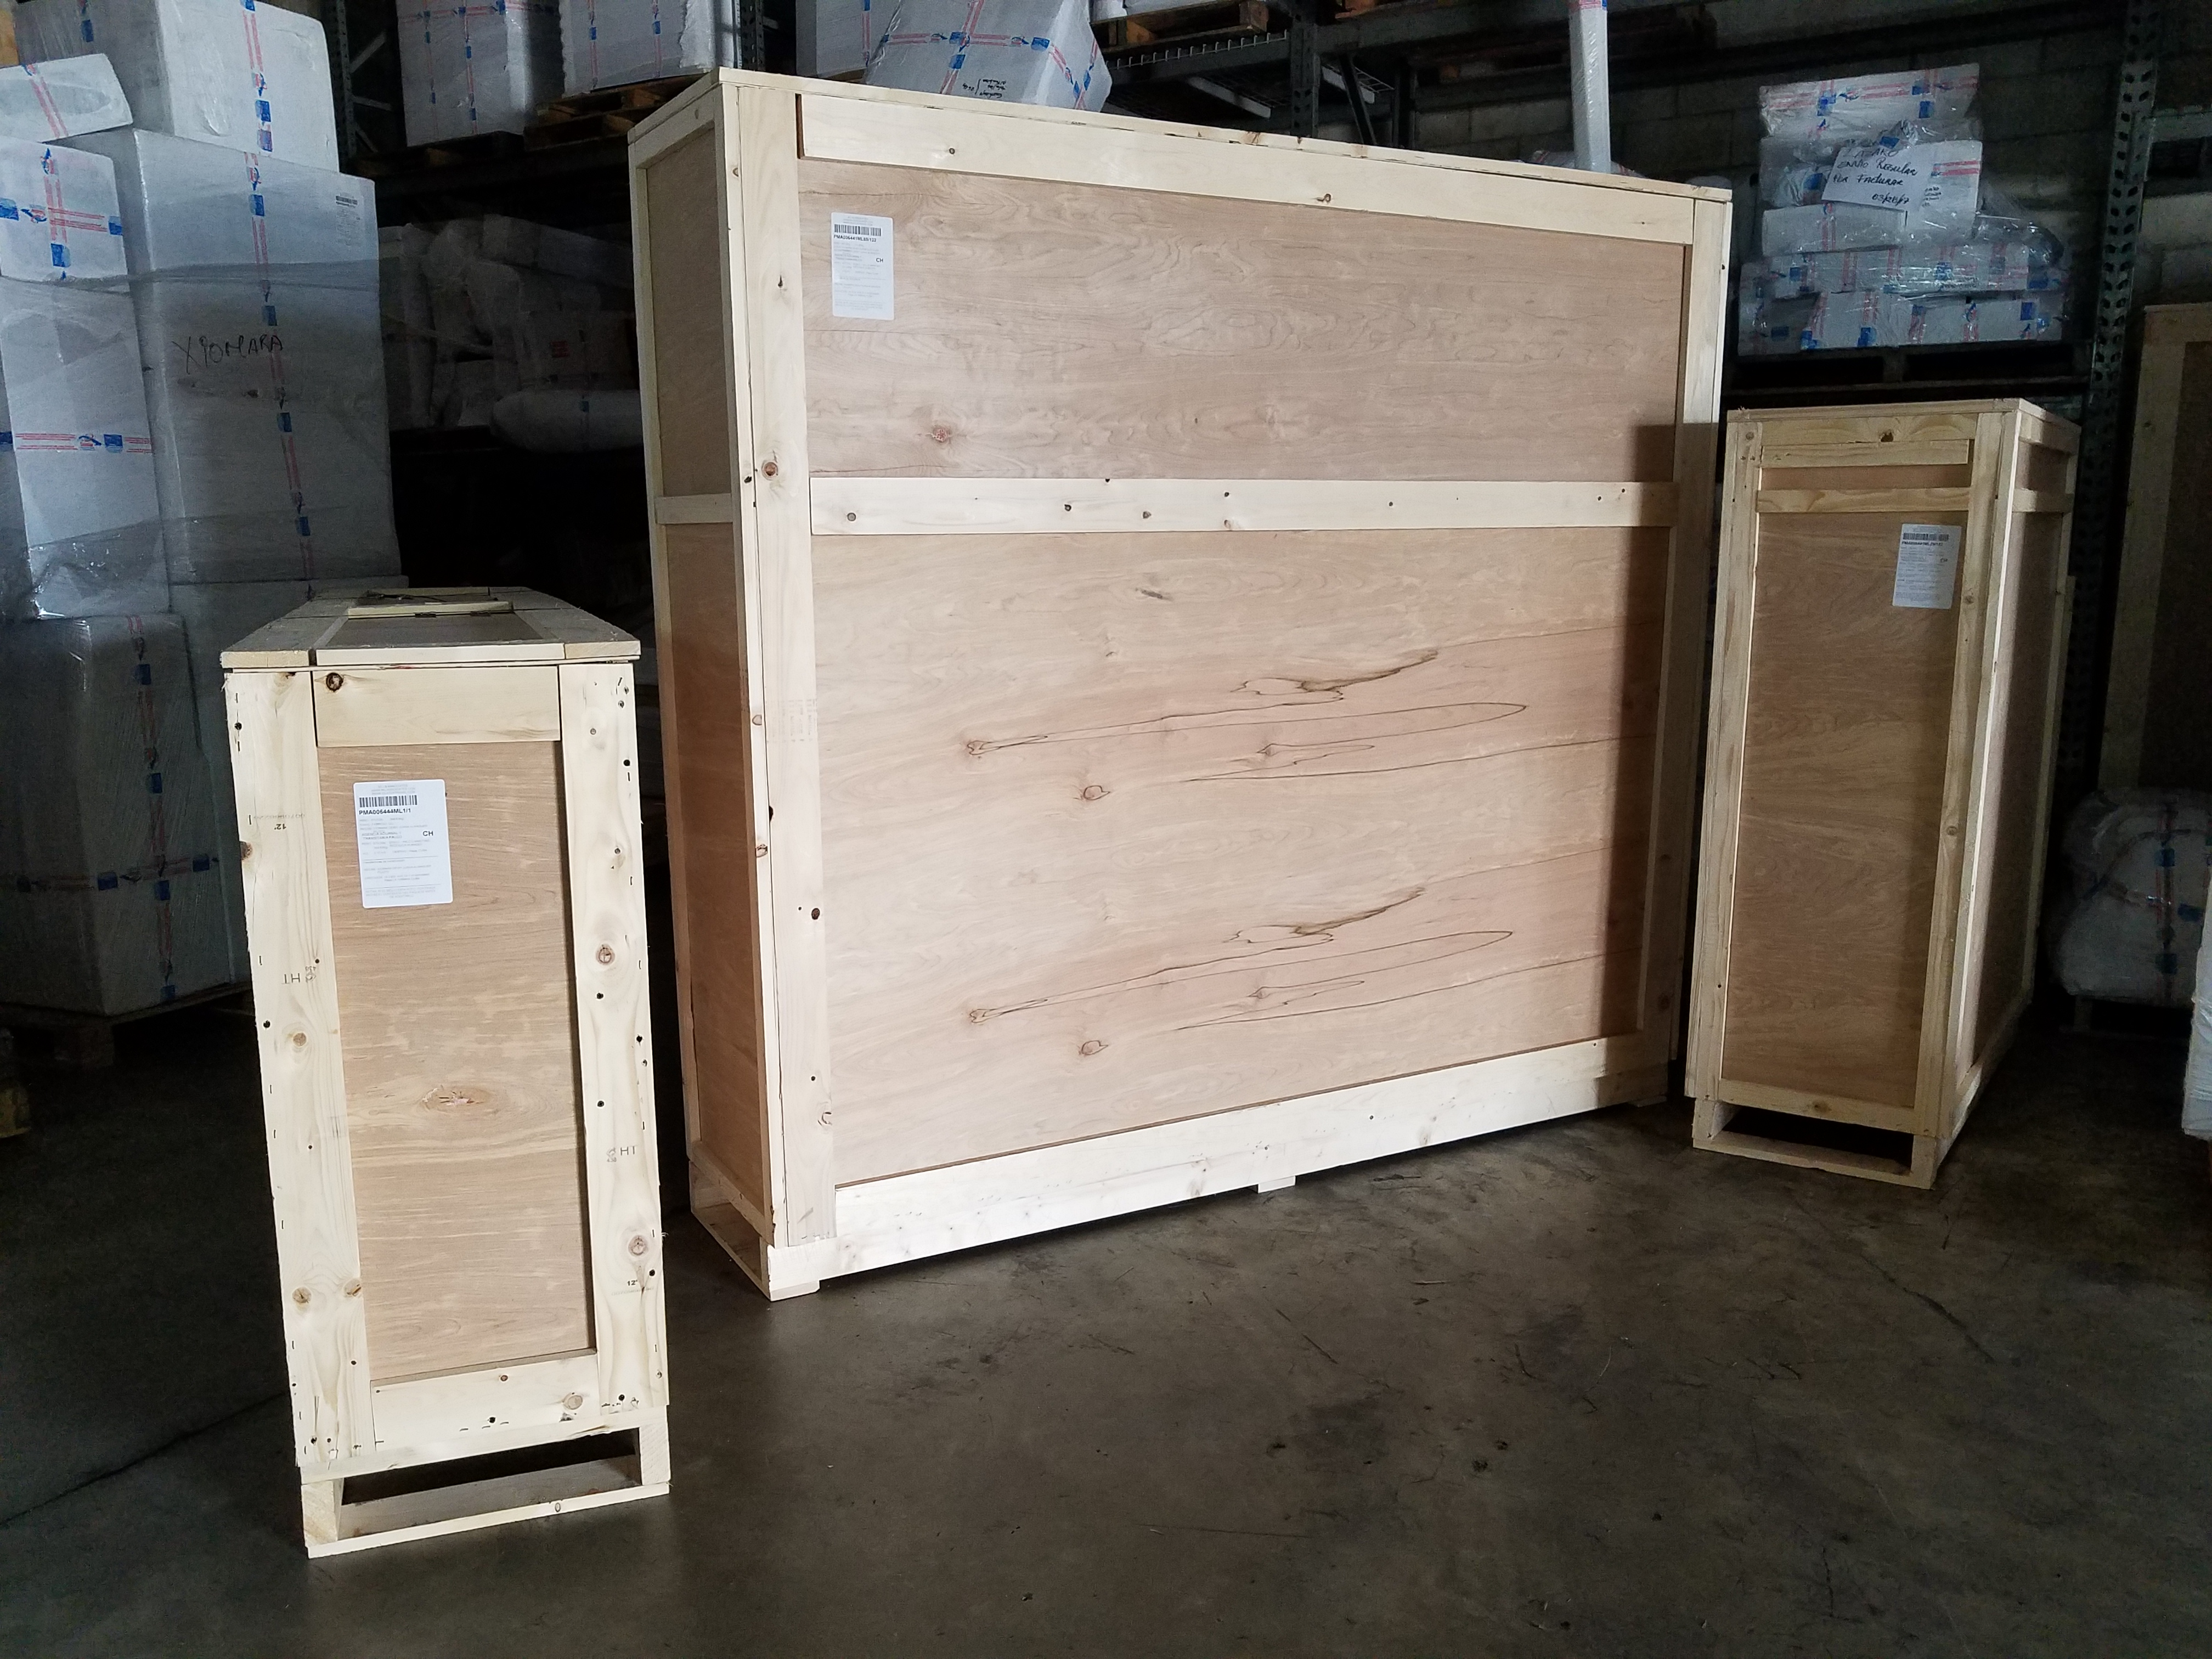 Professional packing/ Empaque